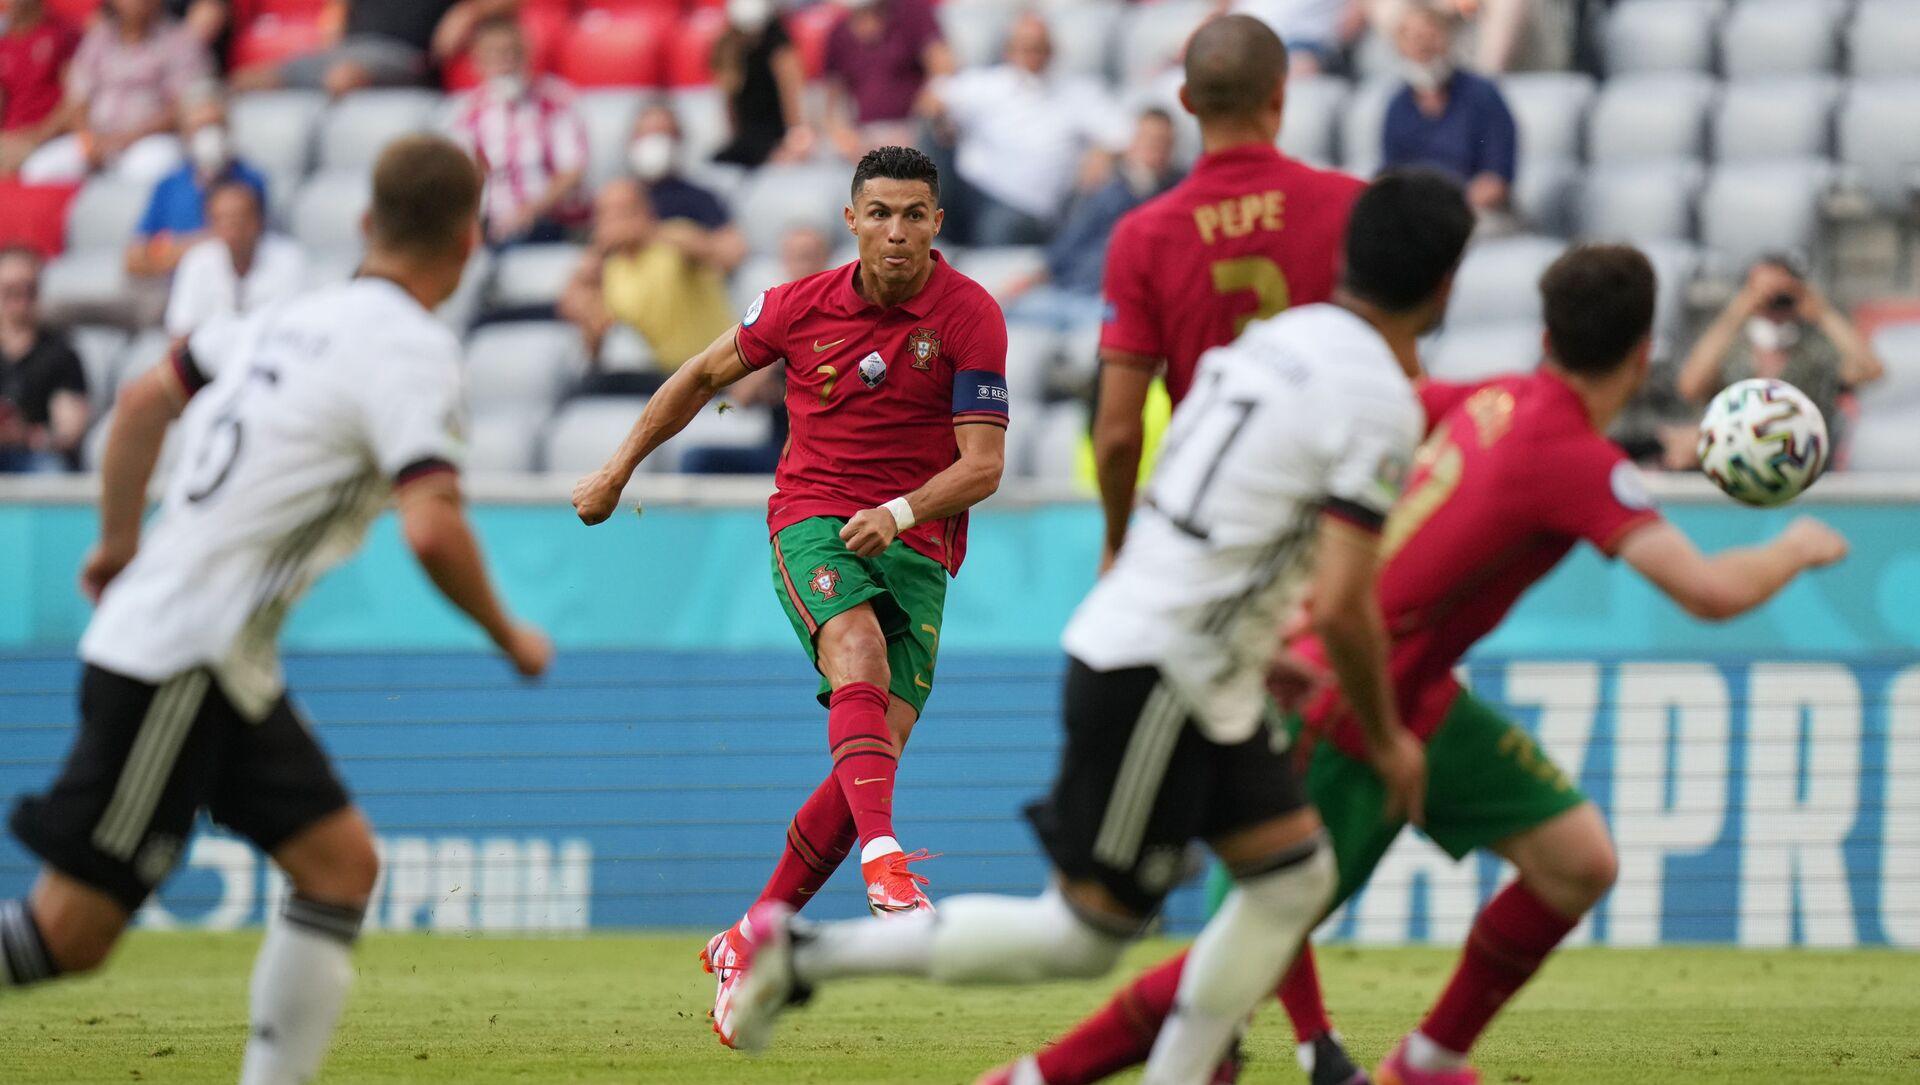 Матч по футболу между сборными Португалии и Германии в рамках Чемпионата Европы 2020 - Sputnik Грузия, 1920, 28.06.2021